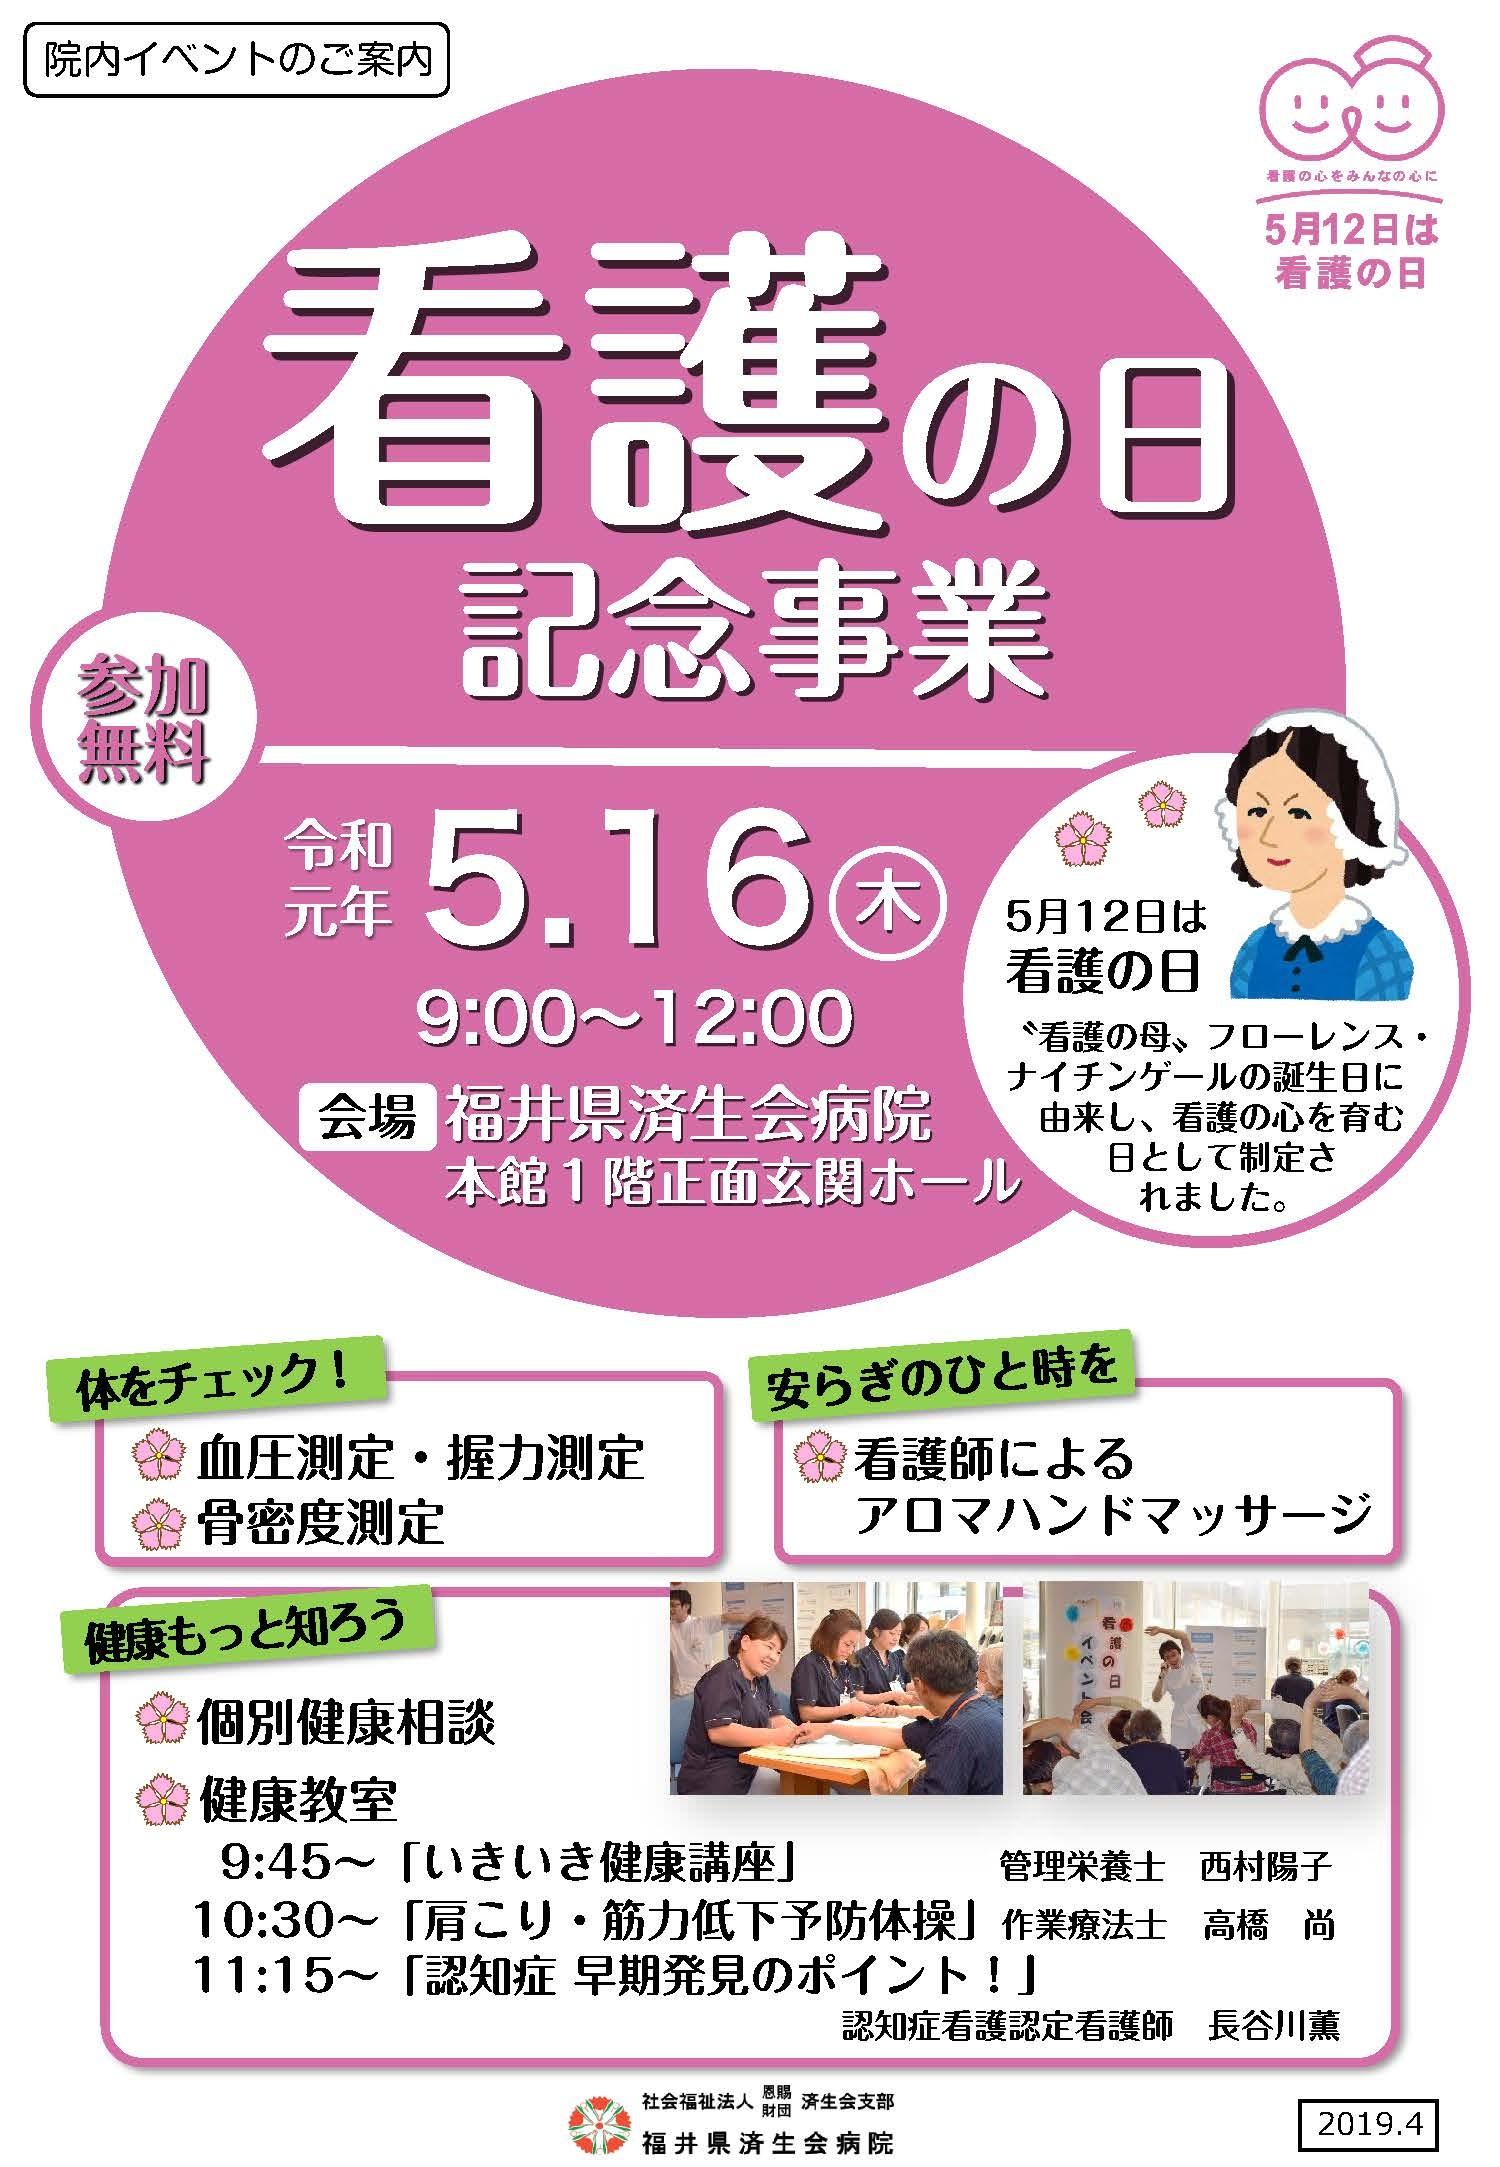 「看護の日」記念事業パンフレット